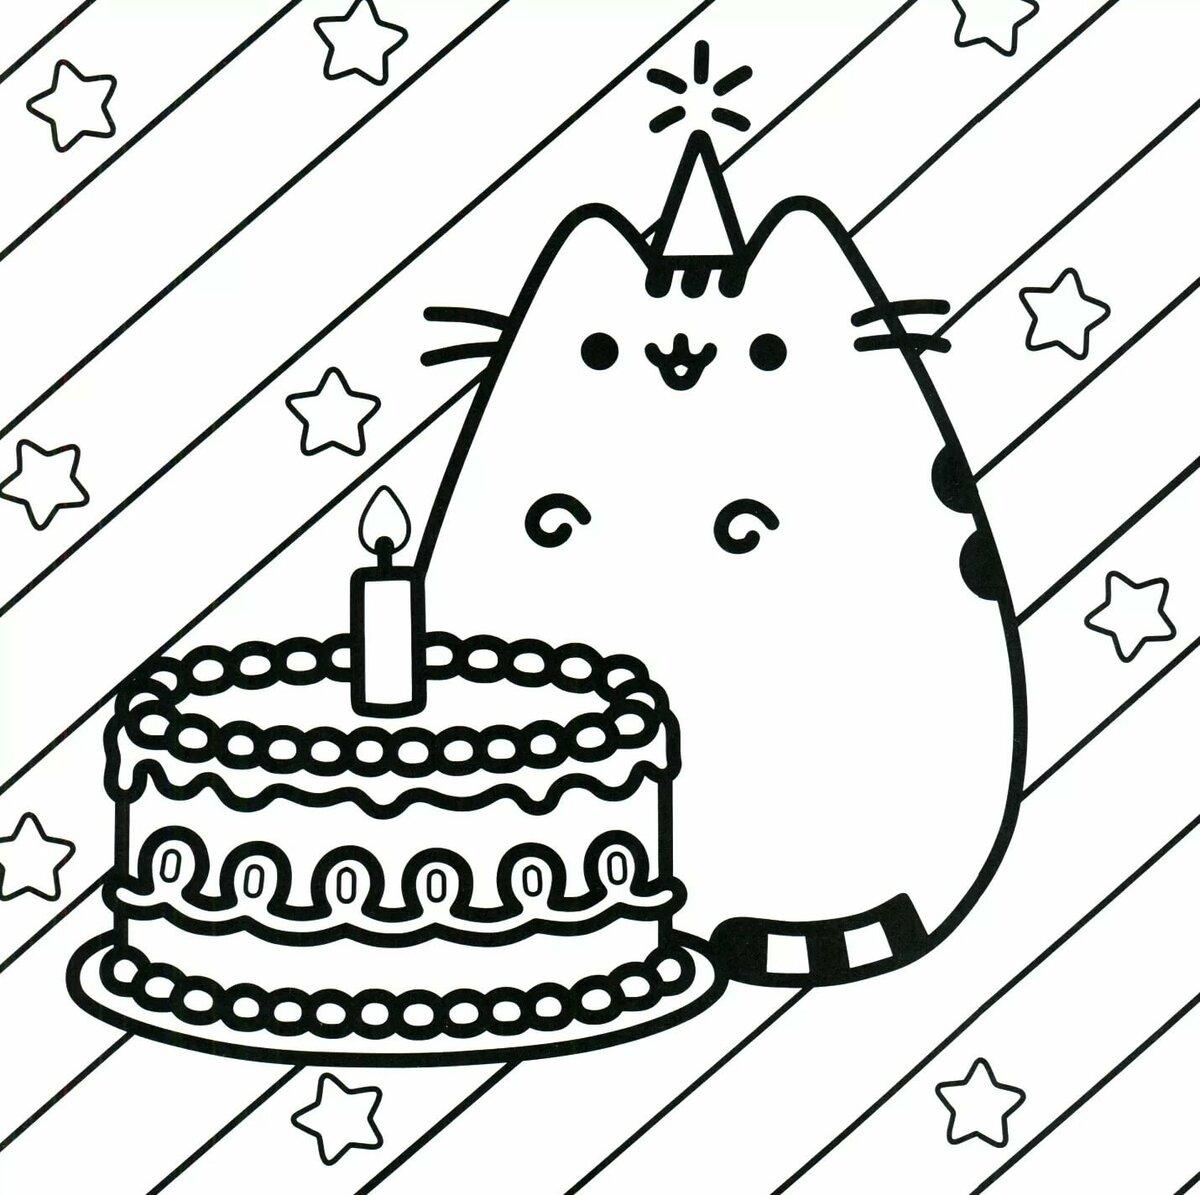 Картинки для распечатки на день рождения для девочки